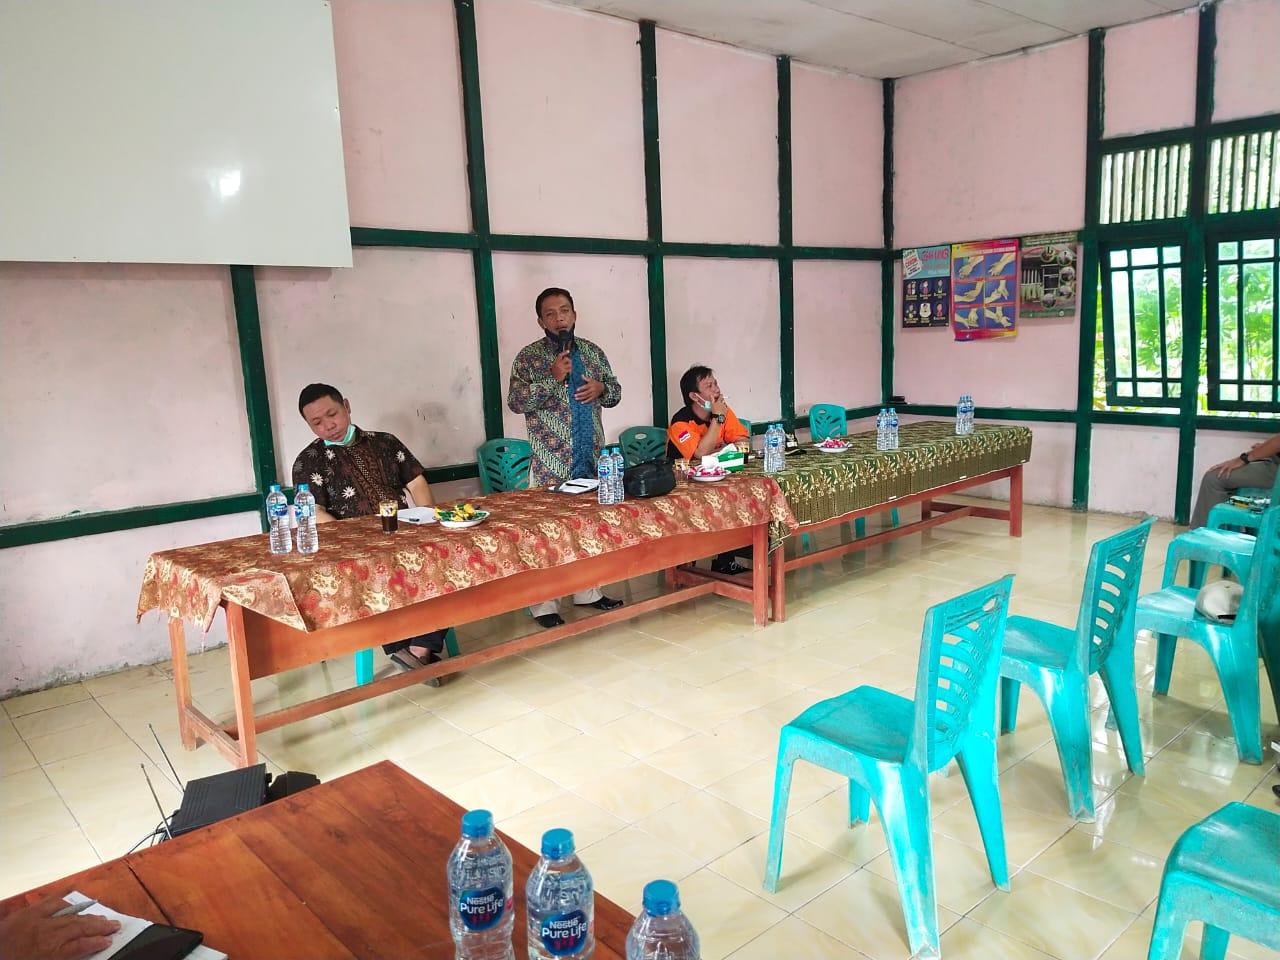 Fransiskus Suwondo DPRD Provinsi Kalbar Lakukan Reses ini Poin Penting Yang Disampaikan Masyarakat